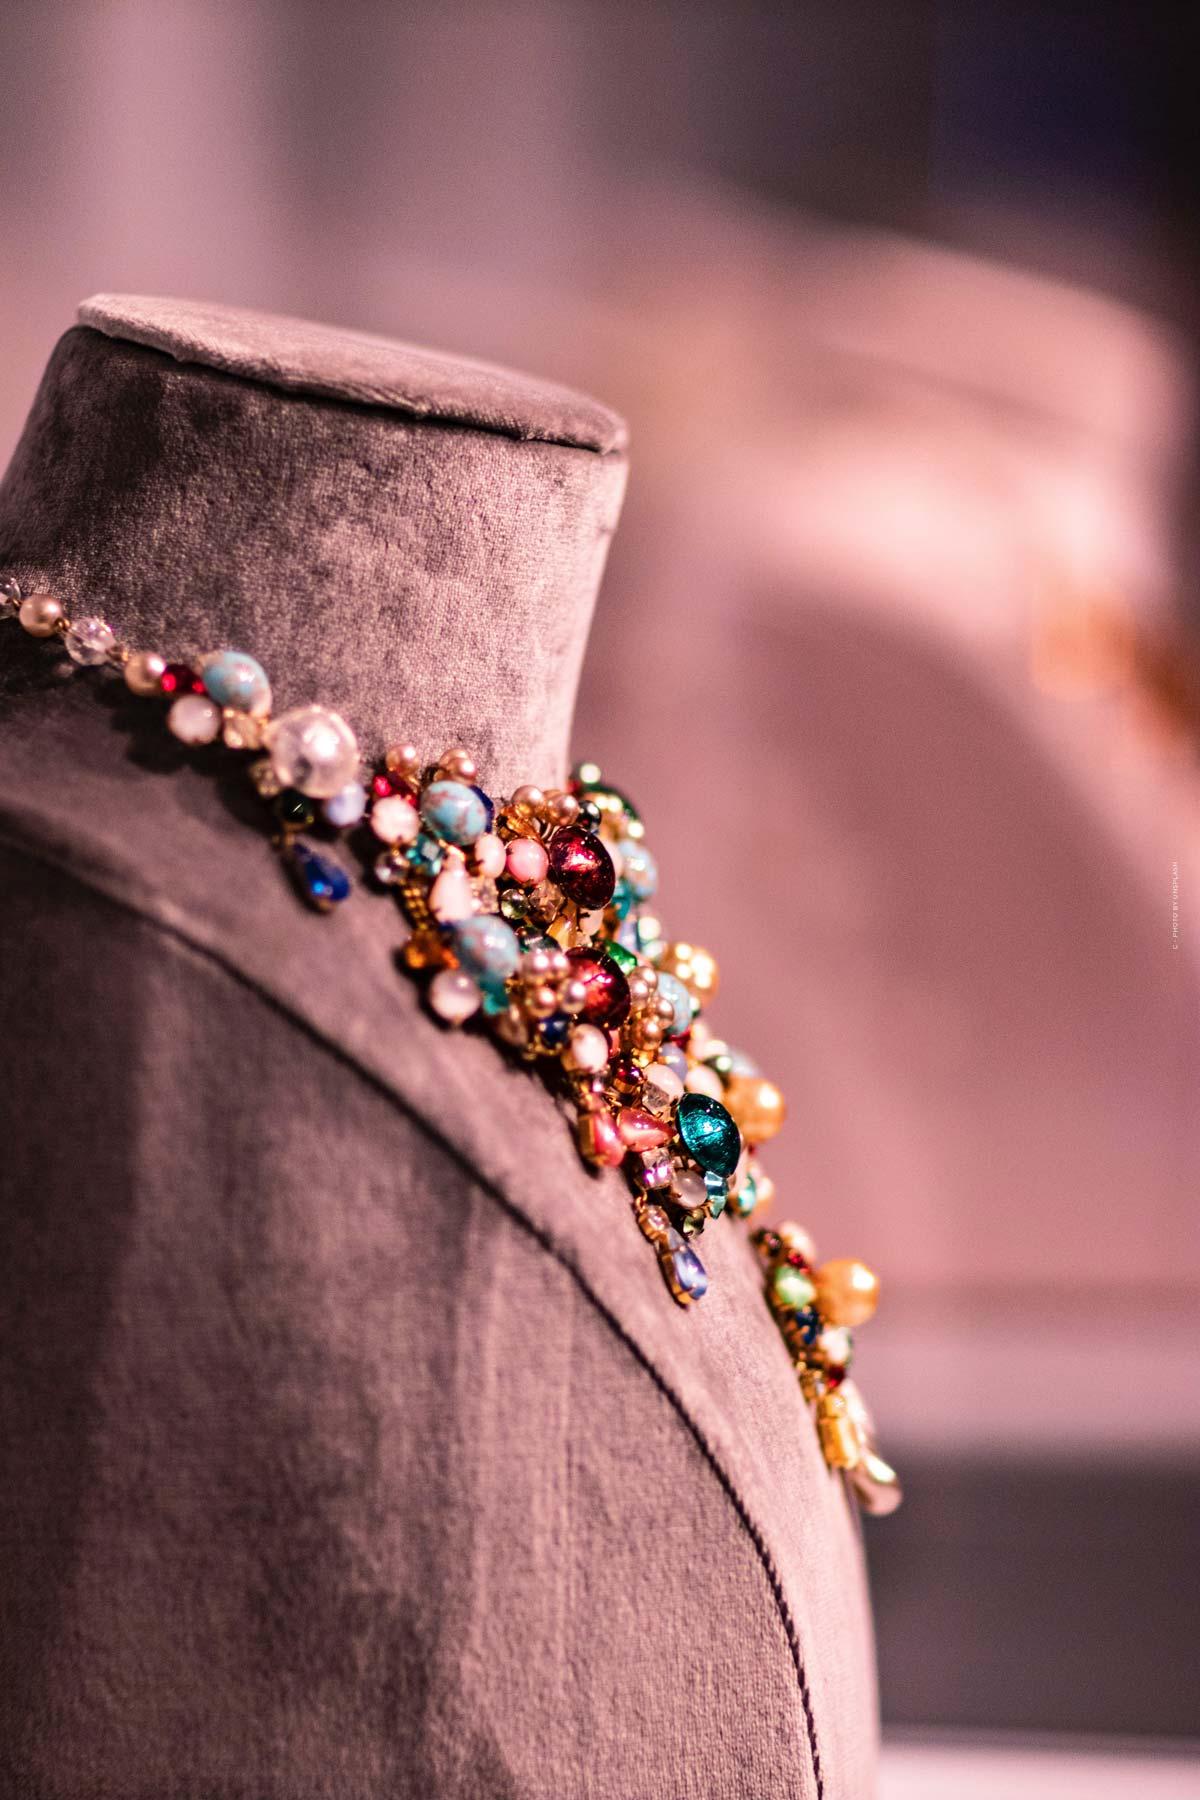 Bvlgari: Iconic jewelry of the luxury class